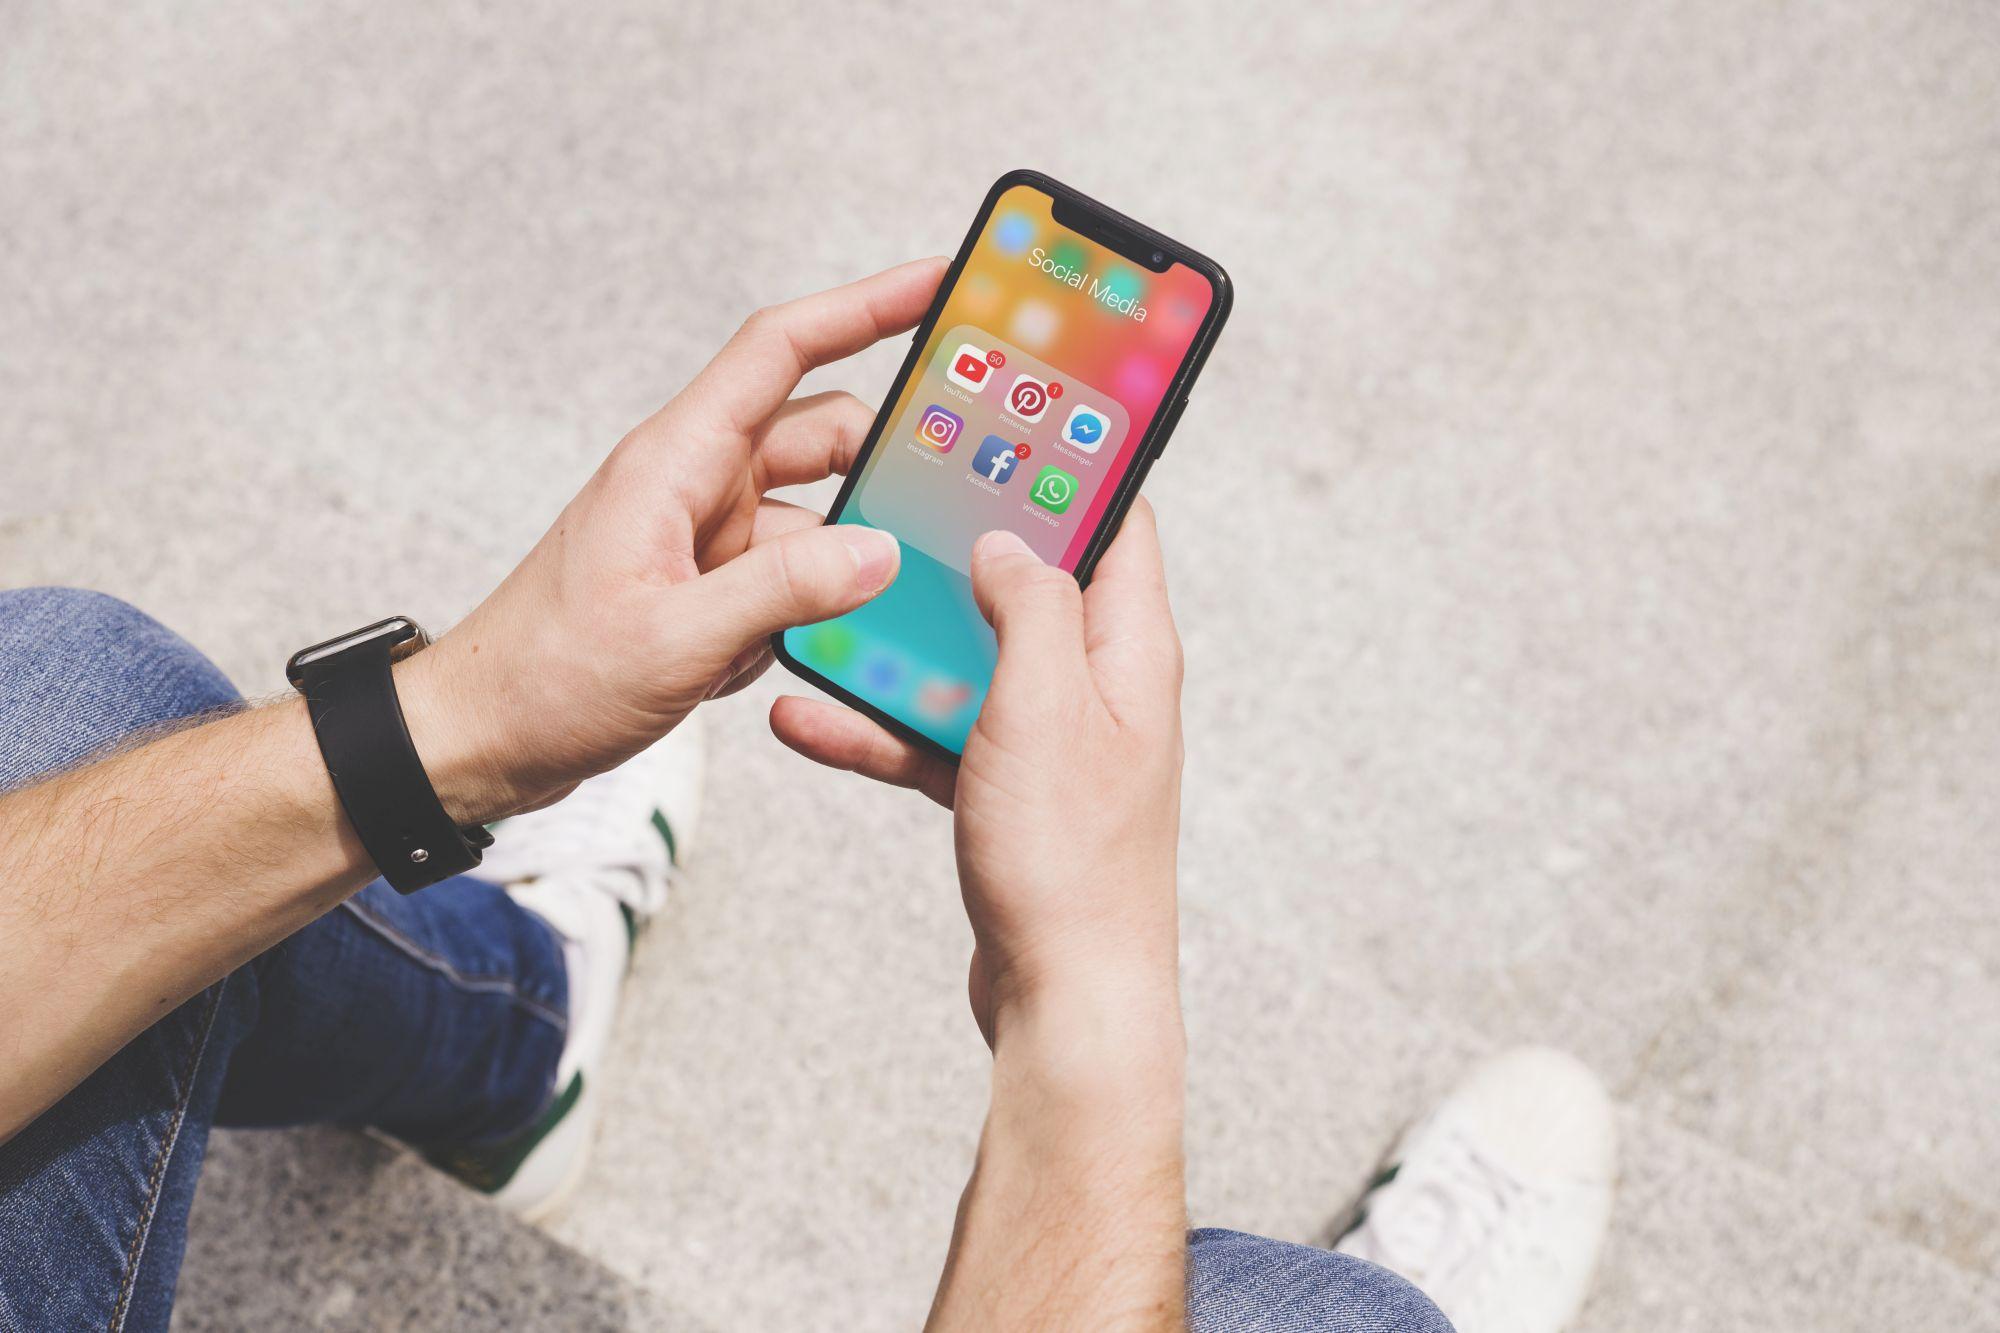 Egy belépőkategóriás telefonon az alap funkciók fognak működni